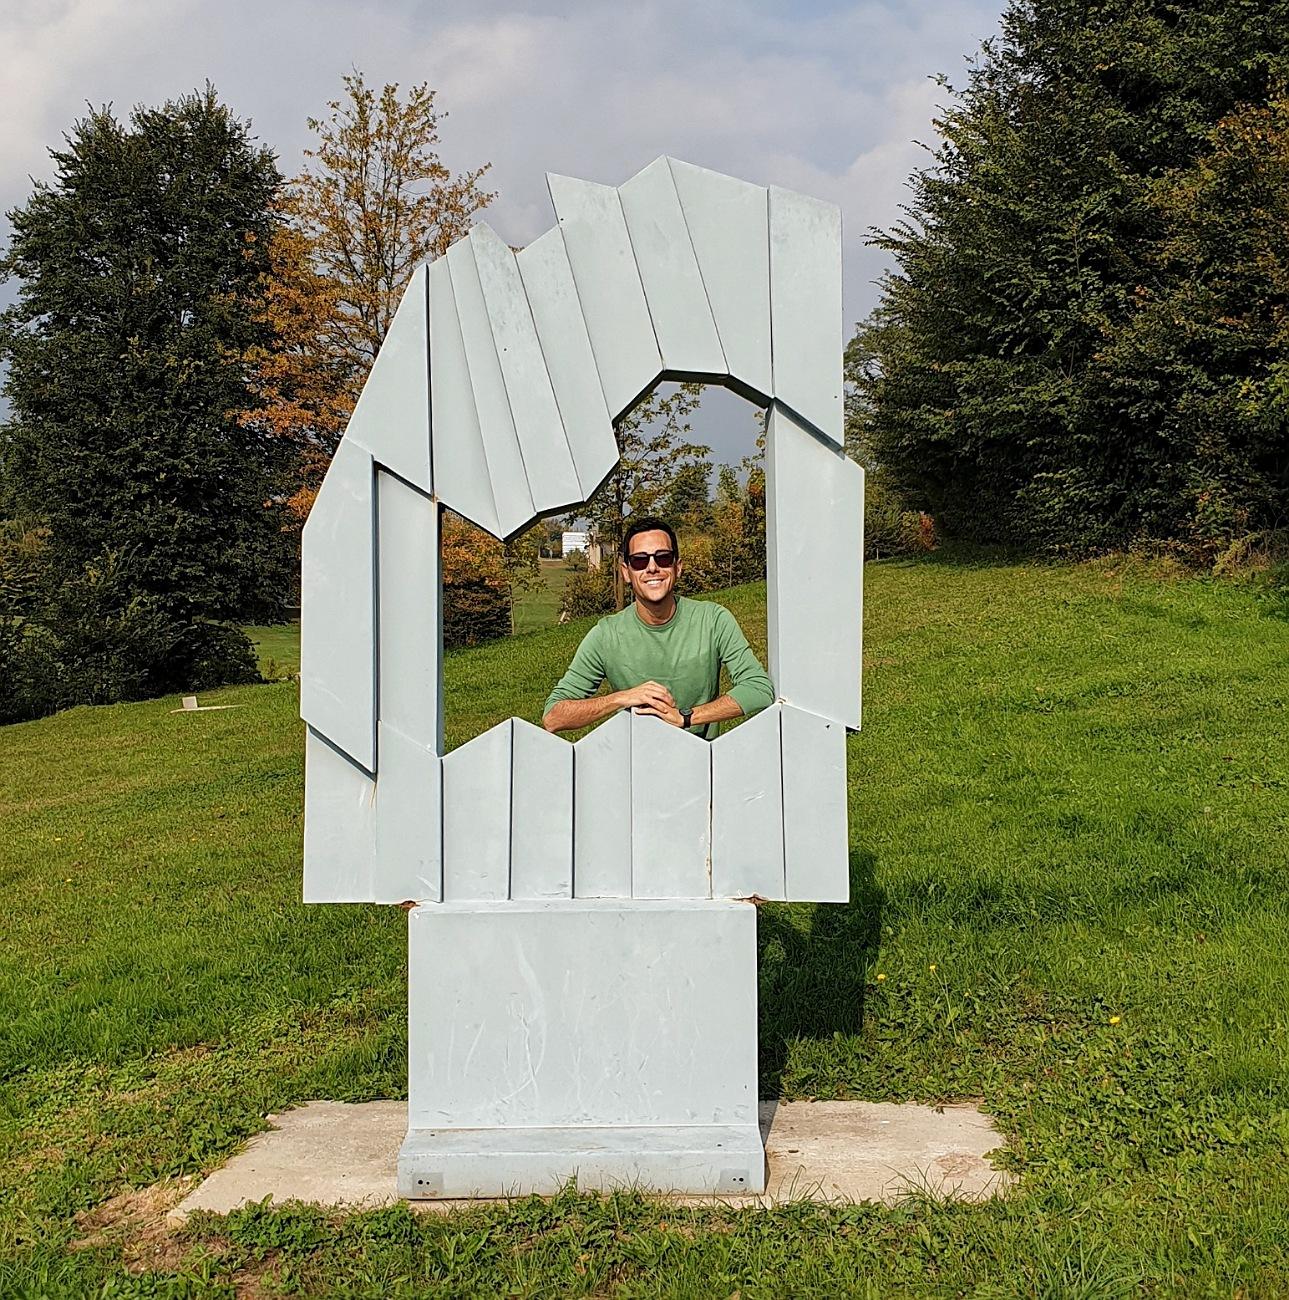 parco rossini art site arte contemporanea gita brianza